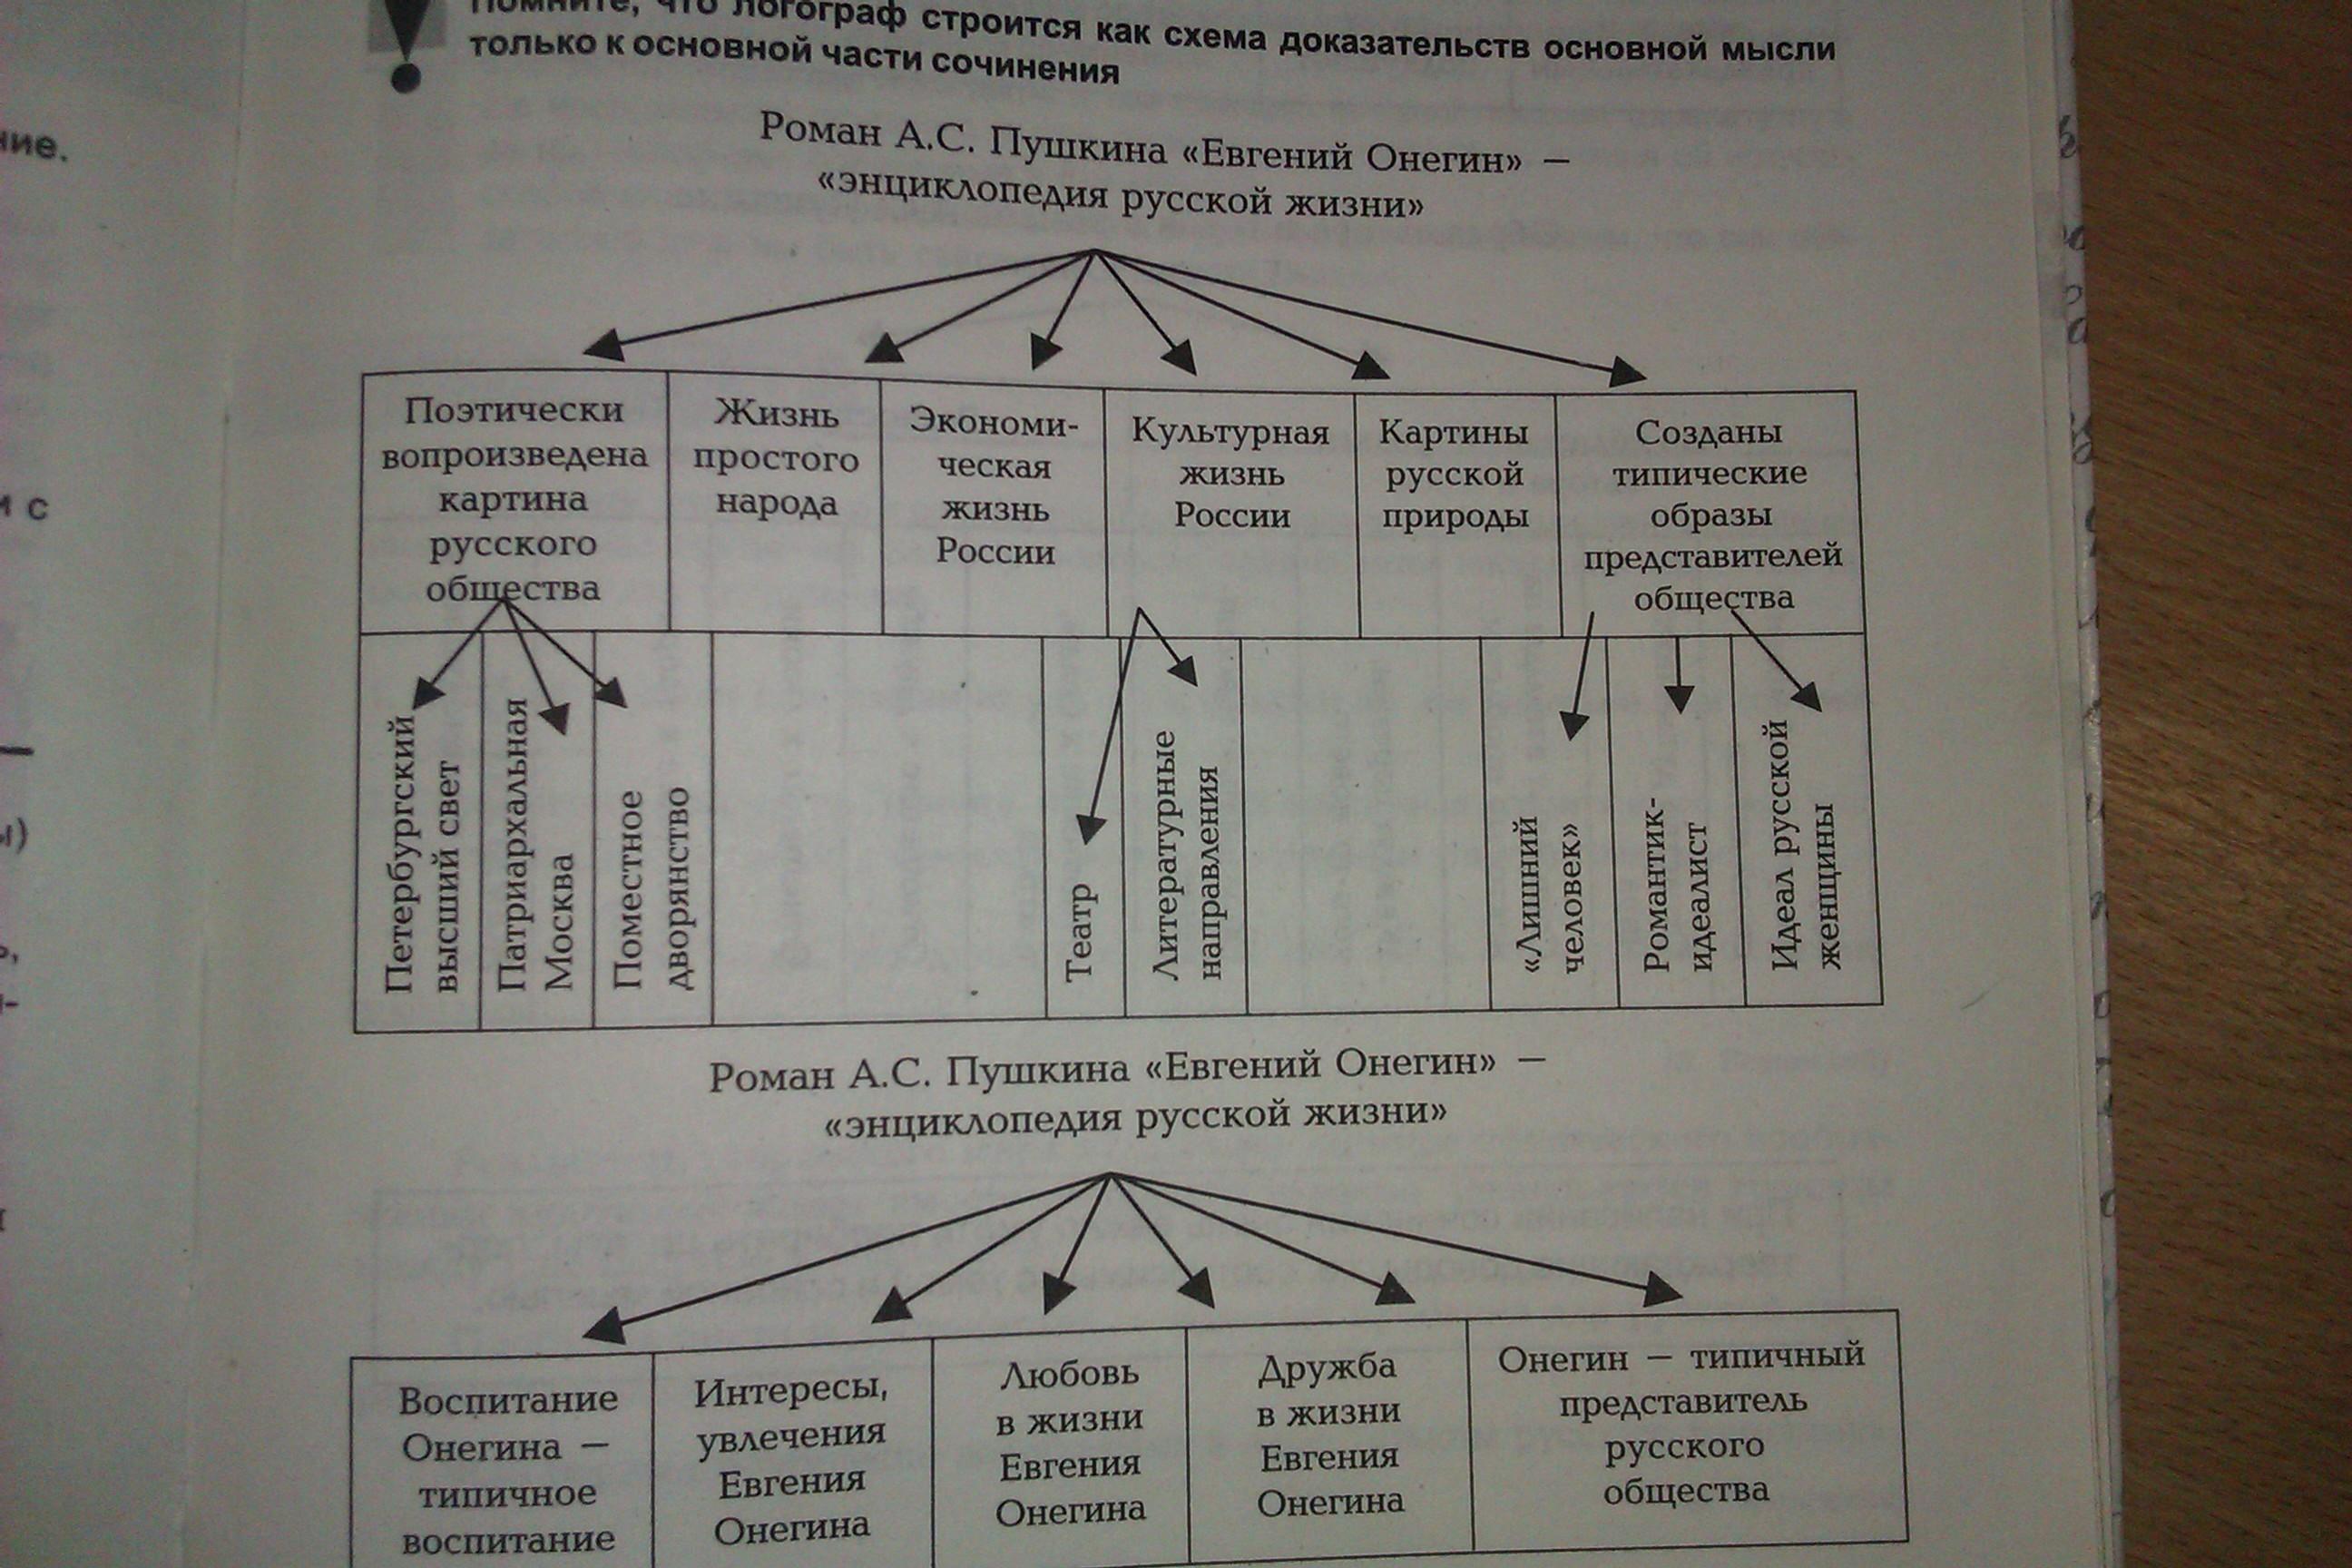 Система образов в романе евгений онегин схема